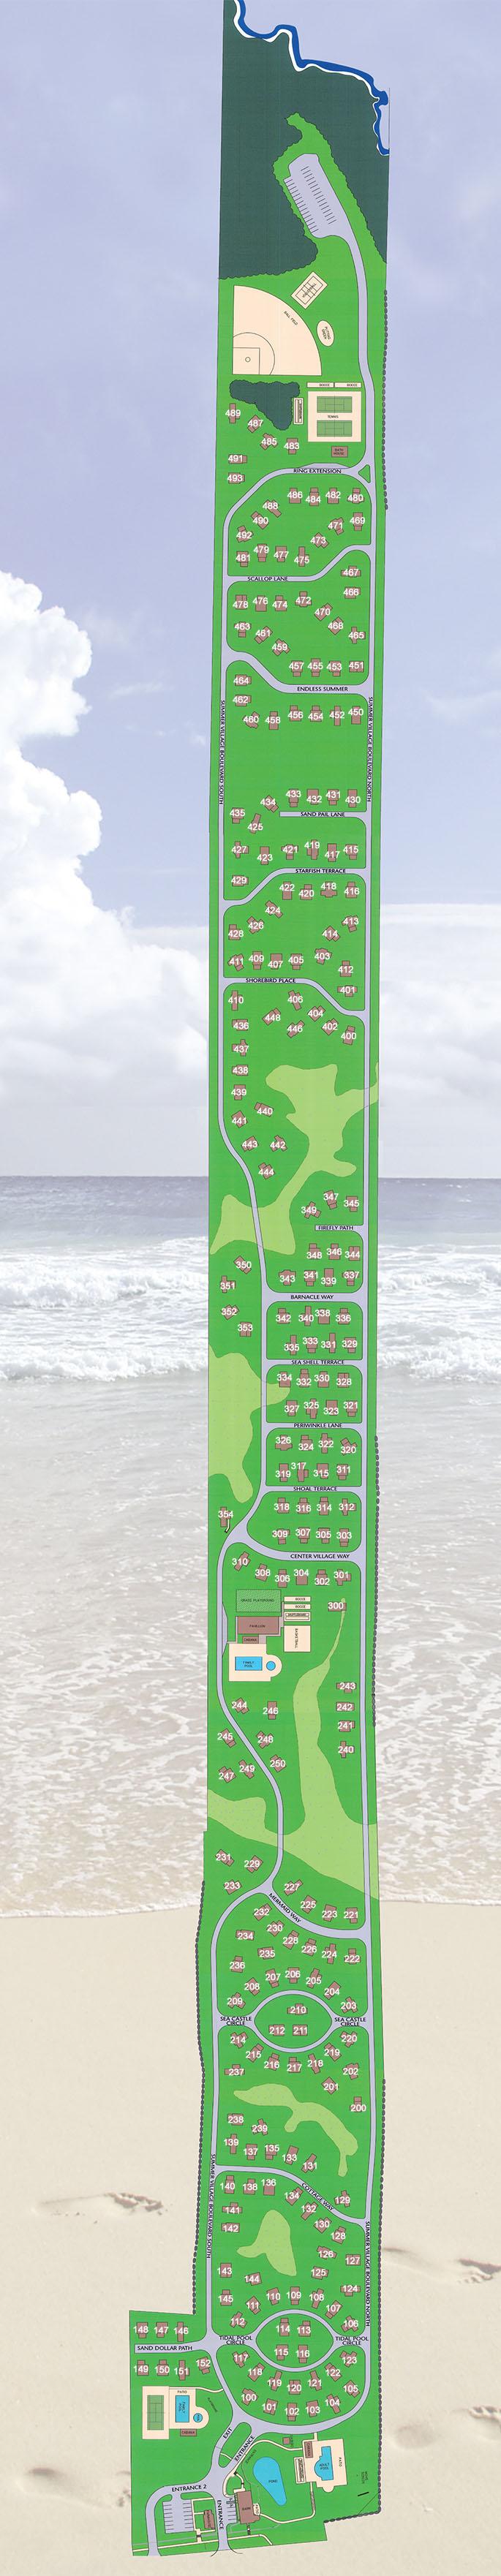 Map of cottages at Cottages at Summer Village